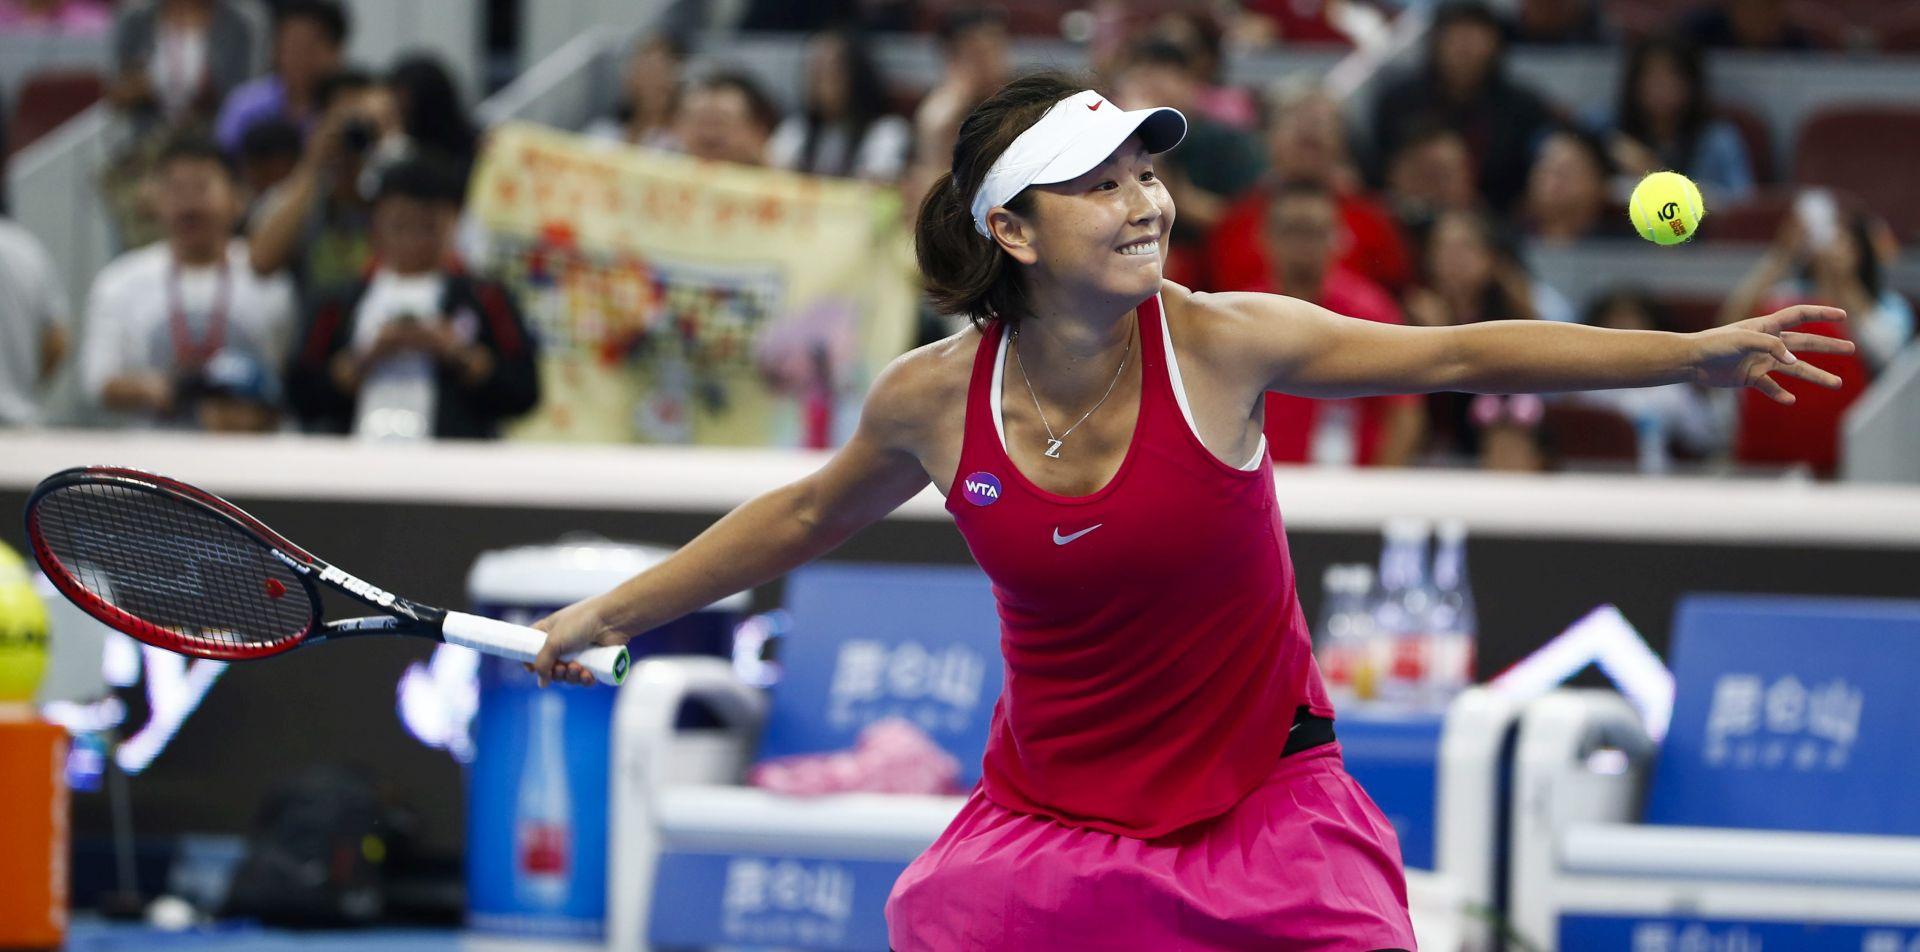 WTA PEKING: Shuai Peng izbacila Venus Williams